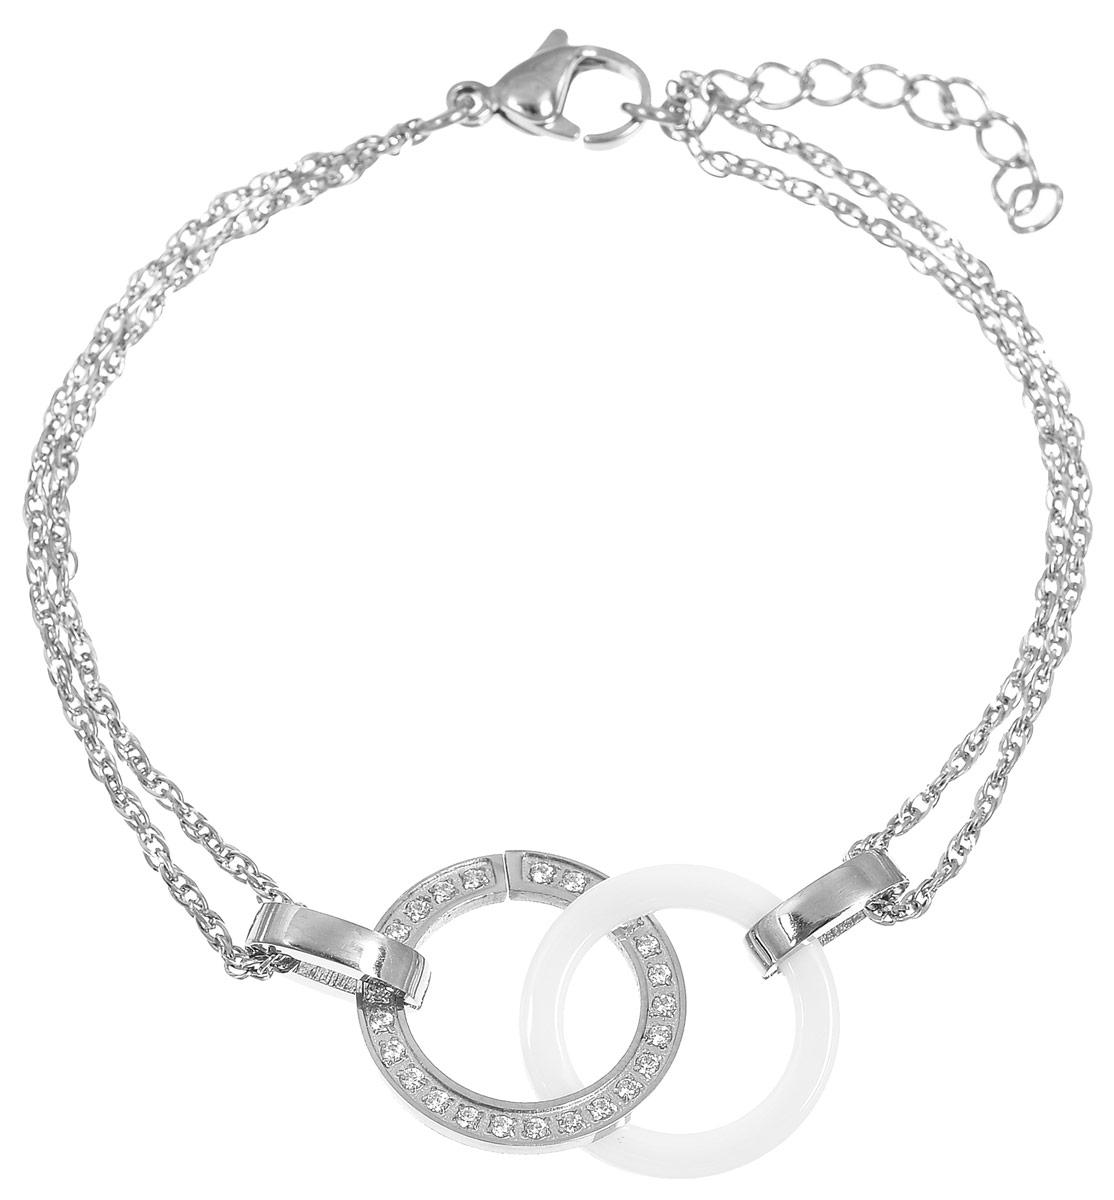 Браслет Art-Silver, цвет: серебряный, белый. КБ0818-821КБ0818-821Лаконичный женский браслет Art-Silver выполнен из бижутерного сплава, стали и керамики. Модель представляет собой основу из тонкой двойной цепочки с оригинальным плетением, соединенной двумя кольцами. Одно кольцо выполнено из керамики белого цвета, второе из стали и дополнено цирконами. Браслет застегивается при помощи застежки-карабина с регулирующей длину цепочкой. Необычный браслет блестяще подчеркнет ваш изысканный вкус и поможет внести разнообразие в привычный образ.